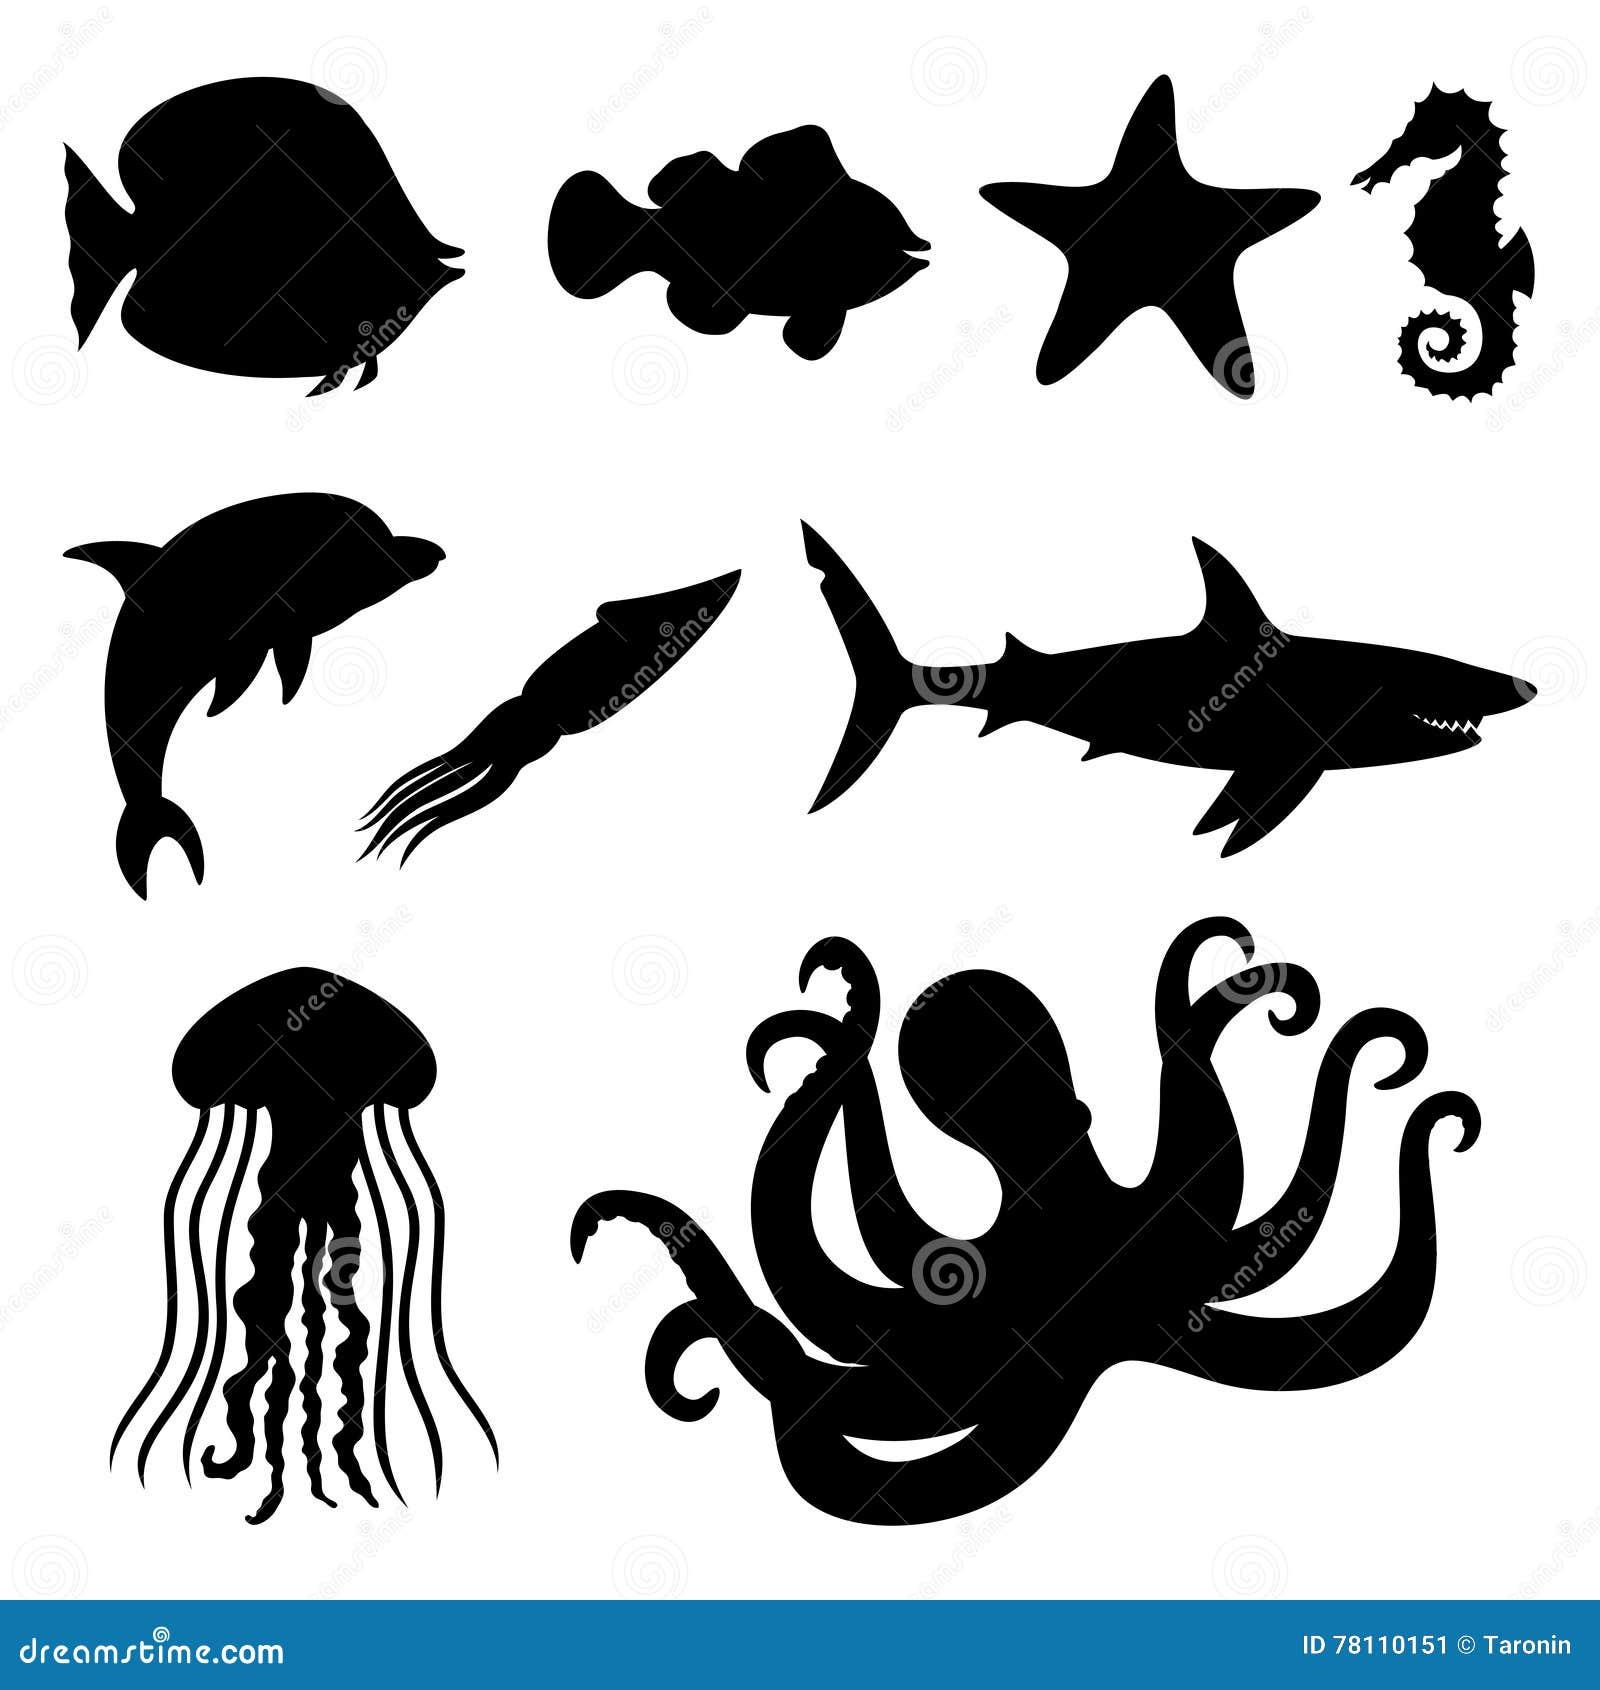 Fish Starfish Seahorse Squid Dolphin Shark Jellyfish